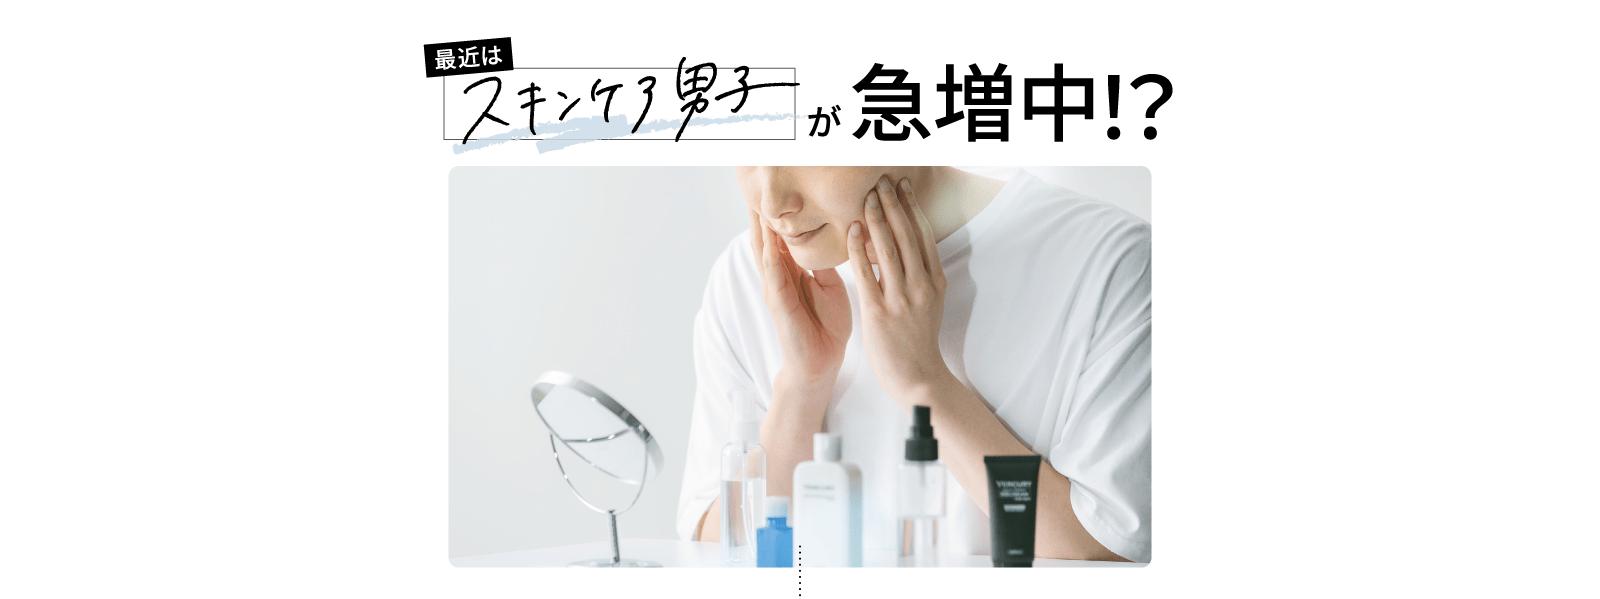 スキンケア男子が急増中!?